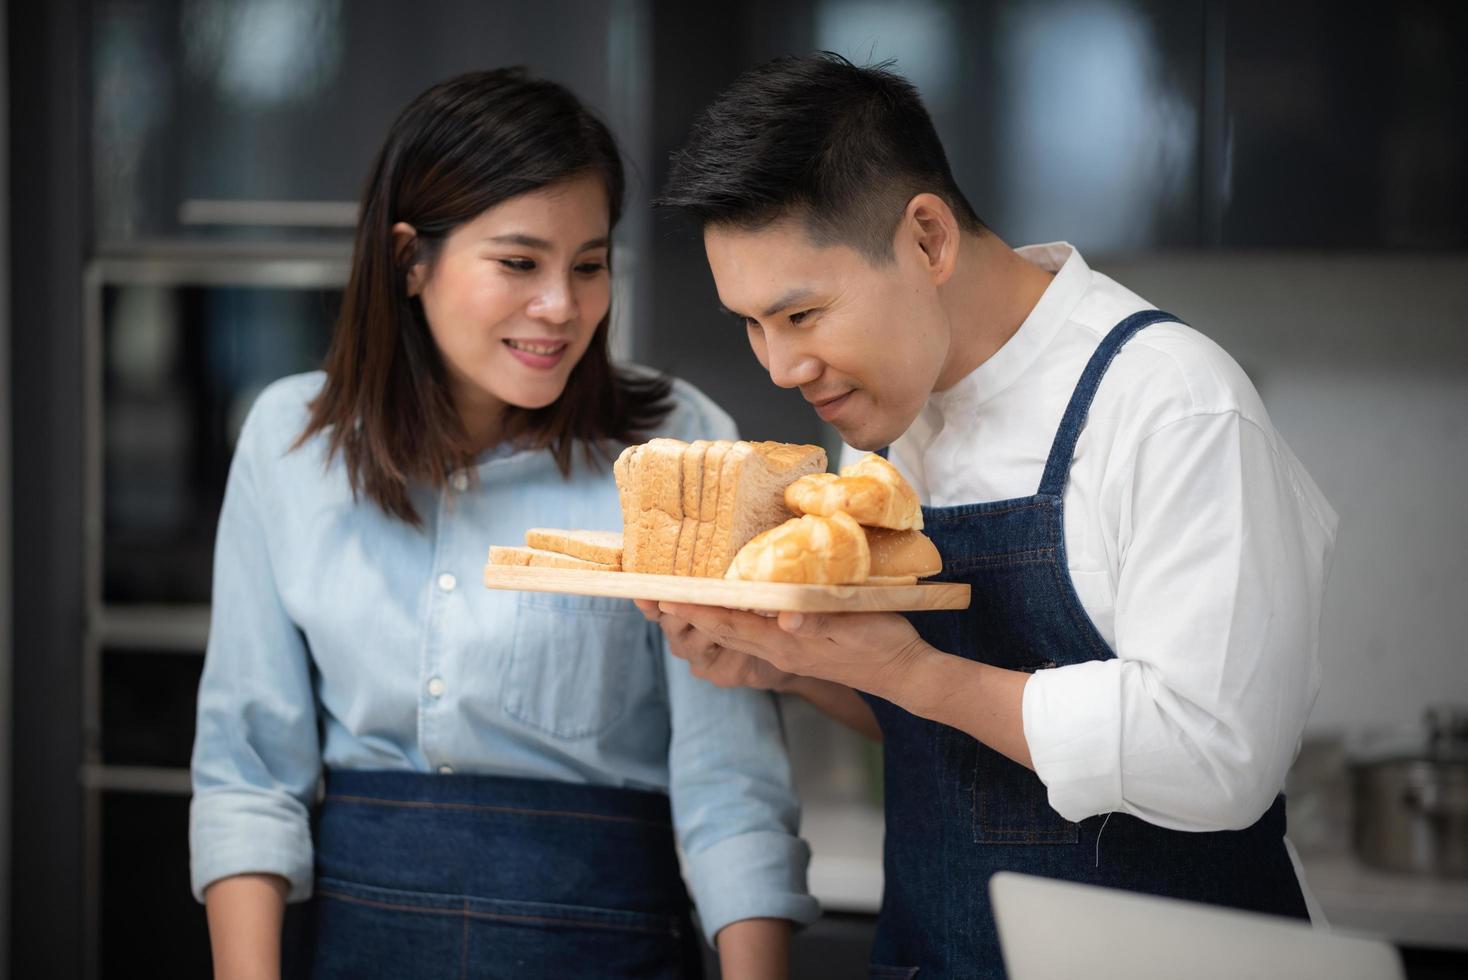 par bakar tillsammans hemma foto